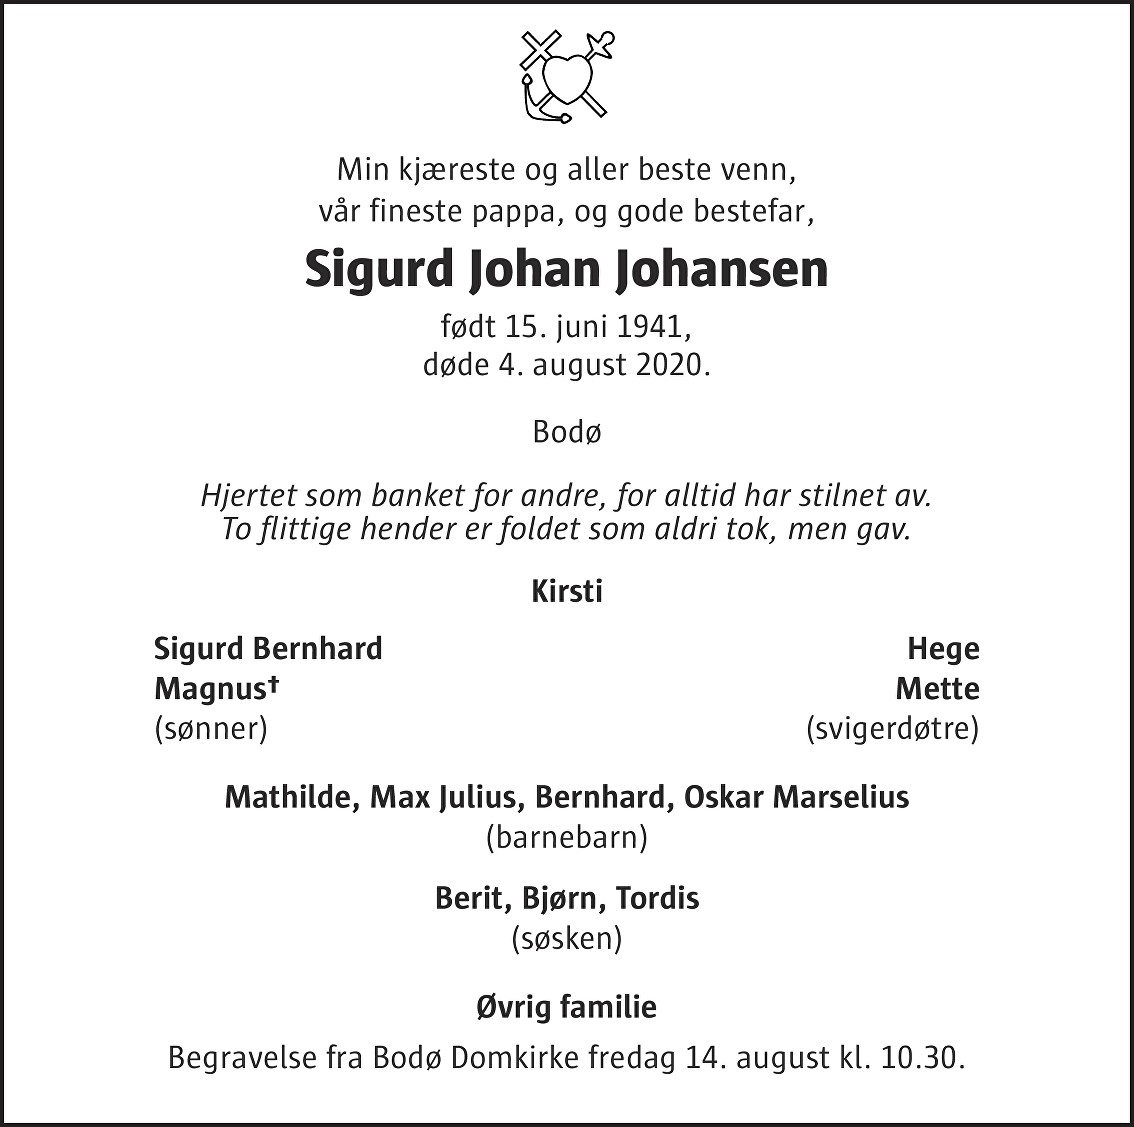 Sigurd Johan Johansen Dødsannonse